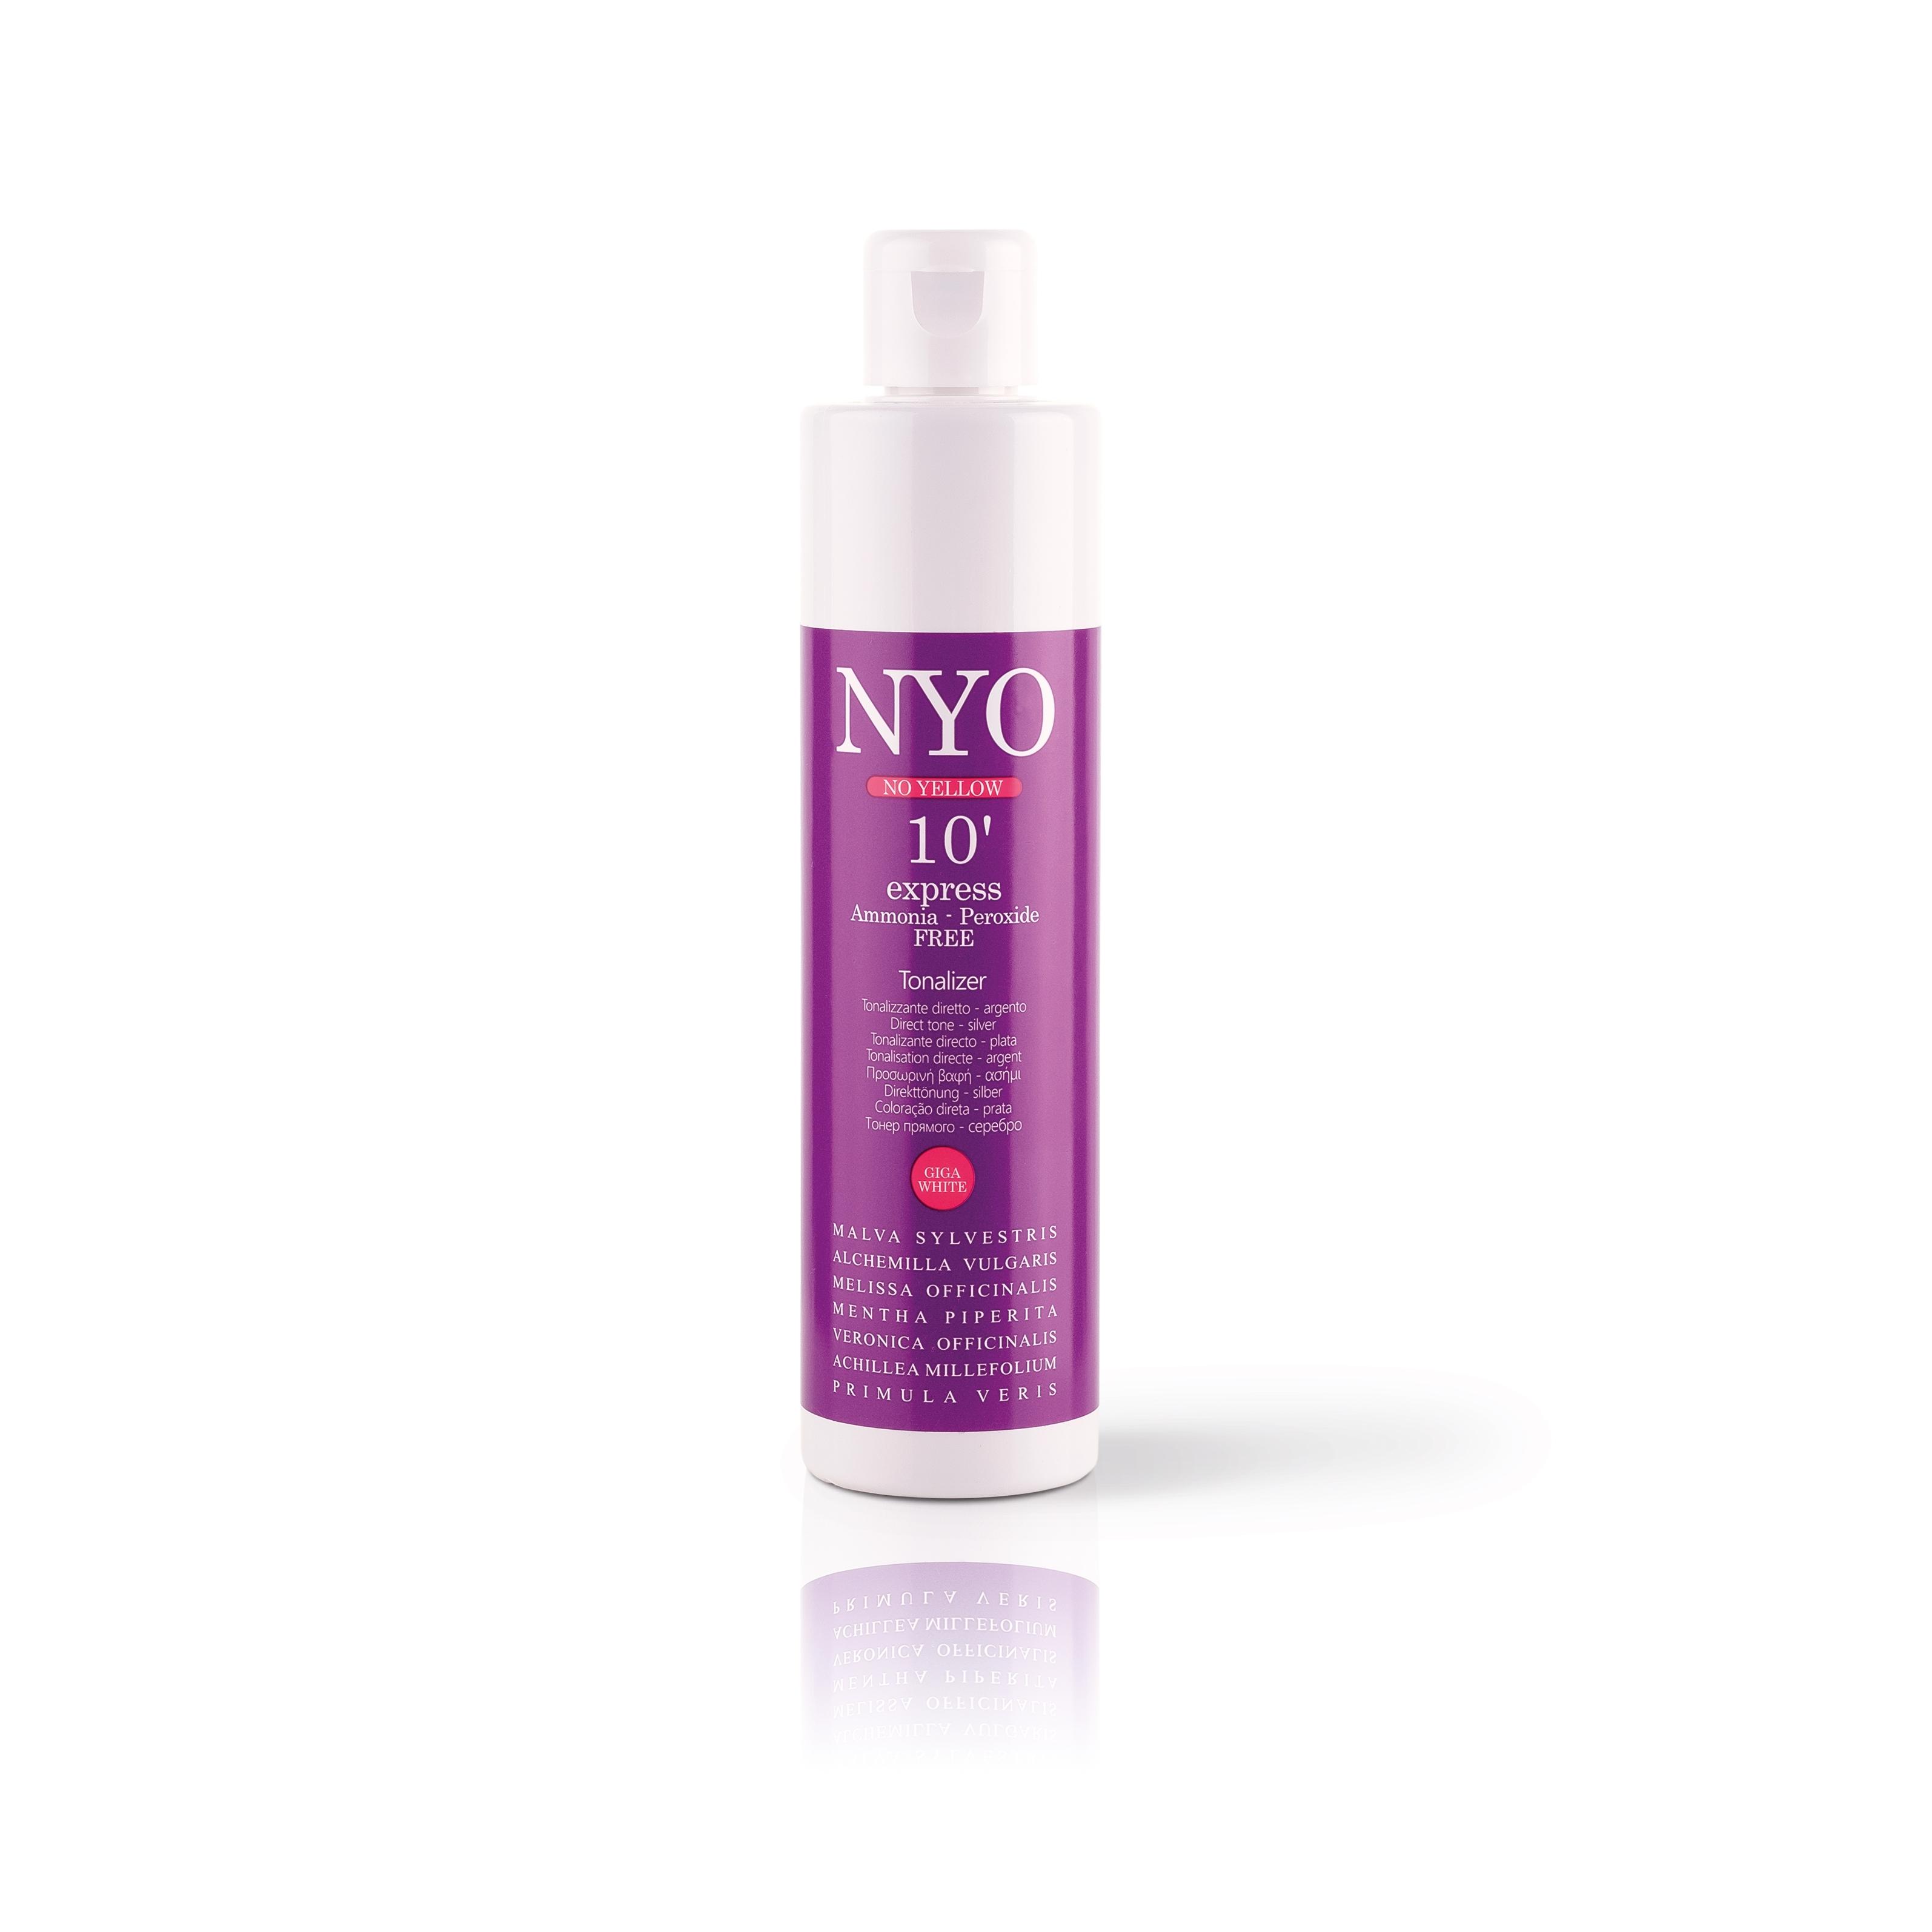 NYO Express toner 10 min